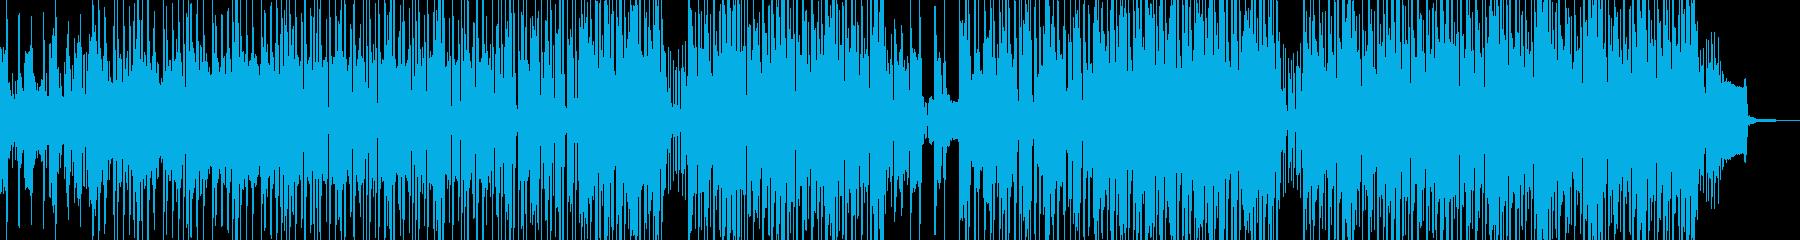 無機質でエモいヒップホップ 長尺の再生済みの波形